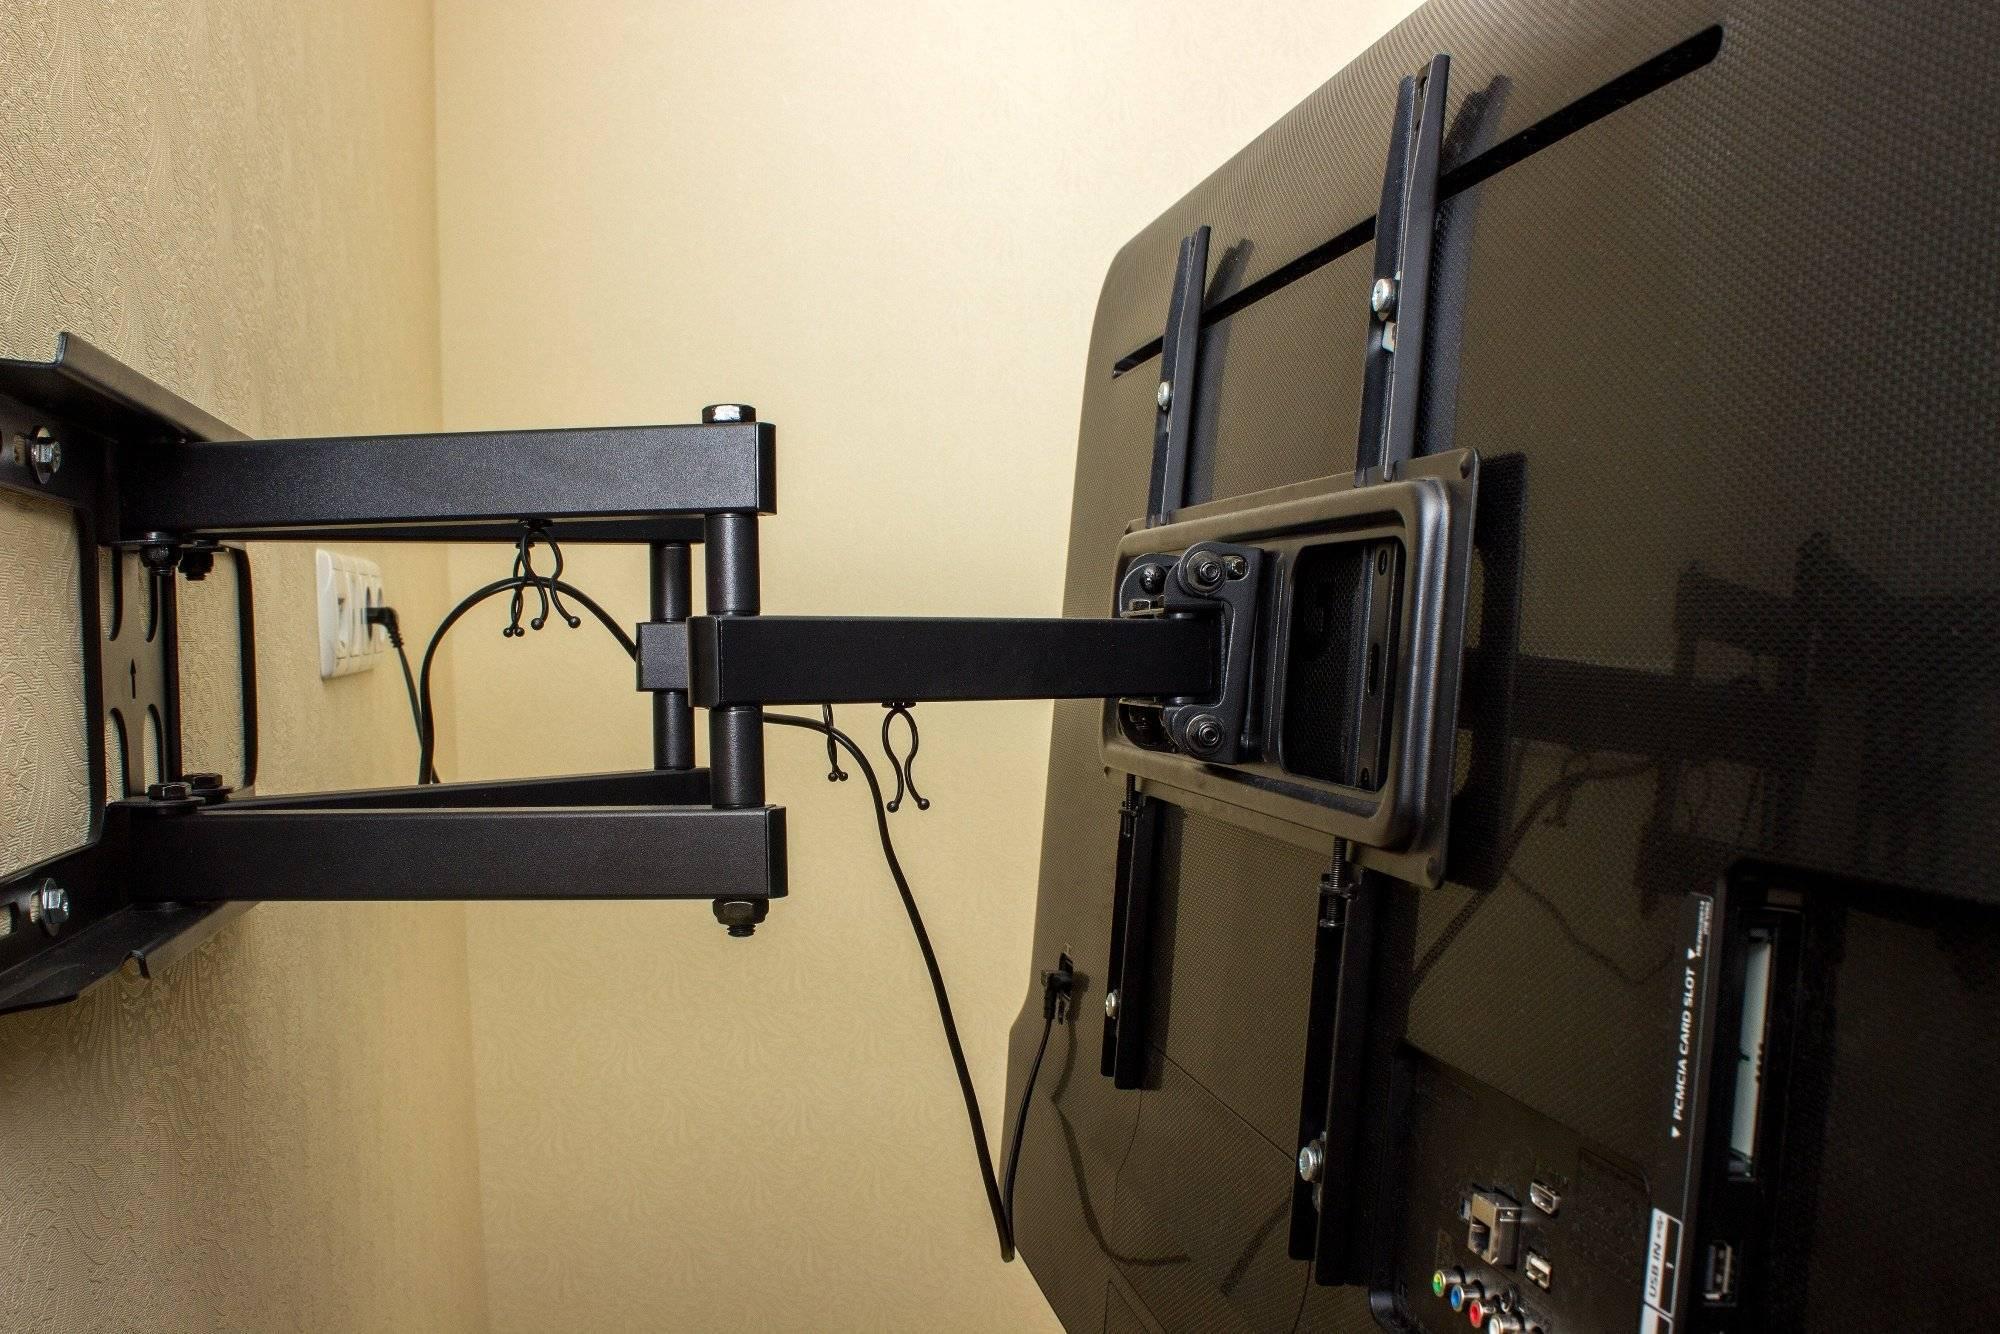 Как повесить телевизор на стену – пошаговая инструкция по подвешиванию + 5 лучших советов от профессионалов